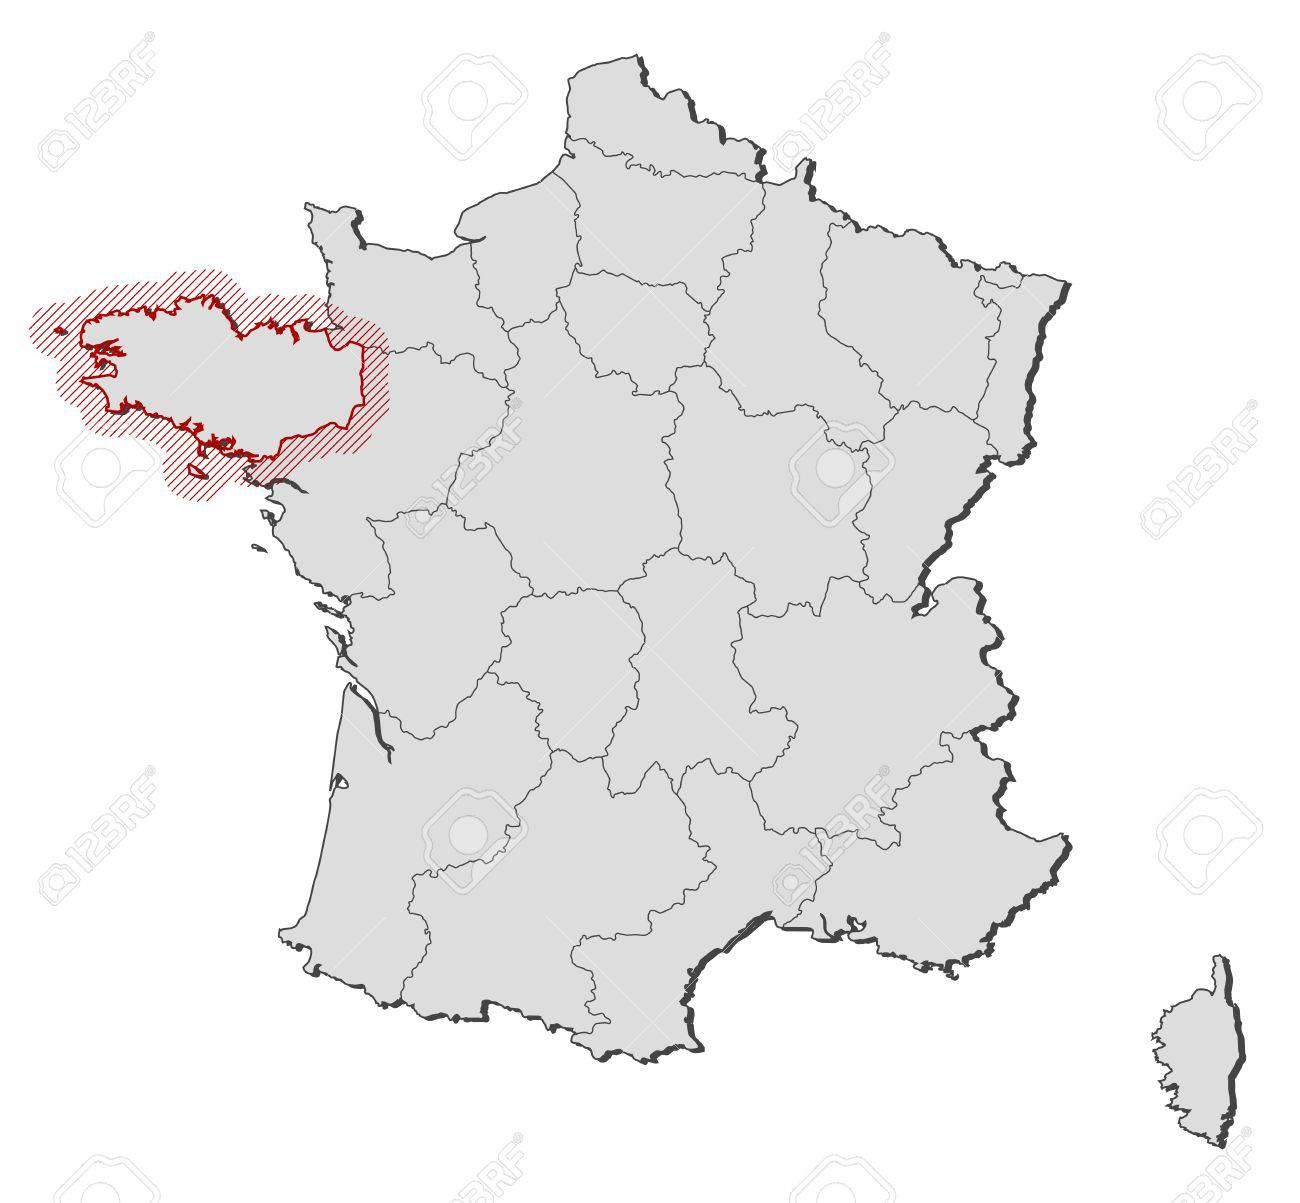 Cartina Muta Della Francia.Vettoriale Mappa Della Francia Con Le Province La Bretagna E Evidenziato Da Un Tratteggio Image 58075408